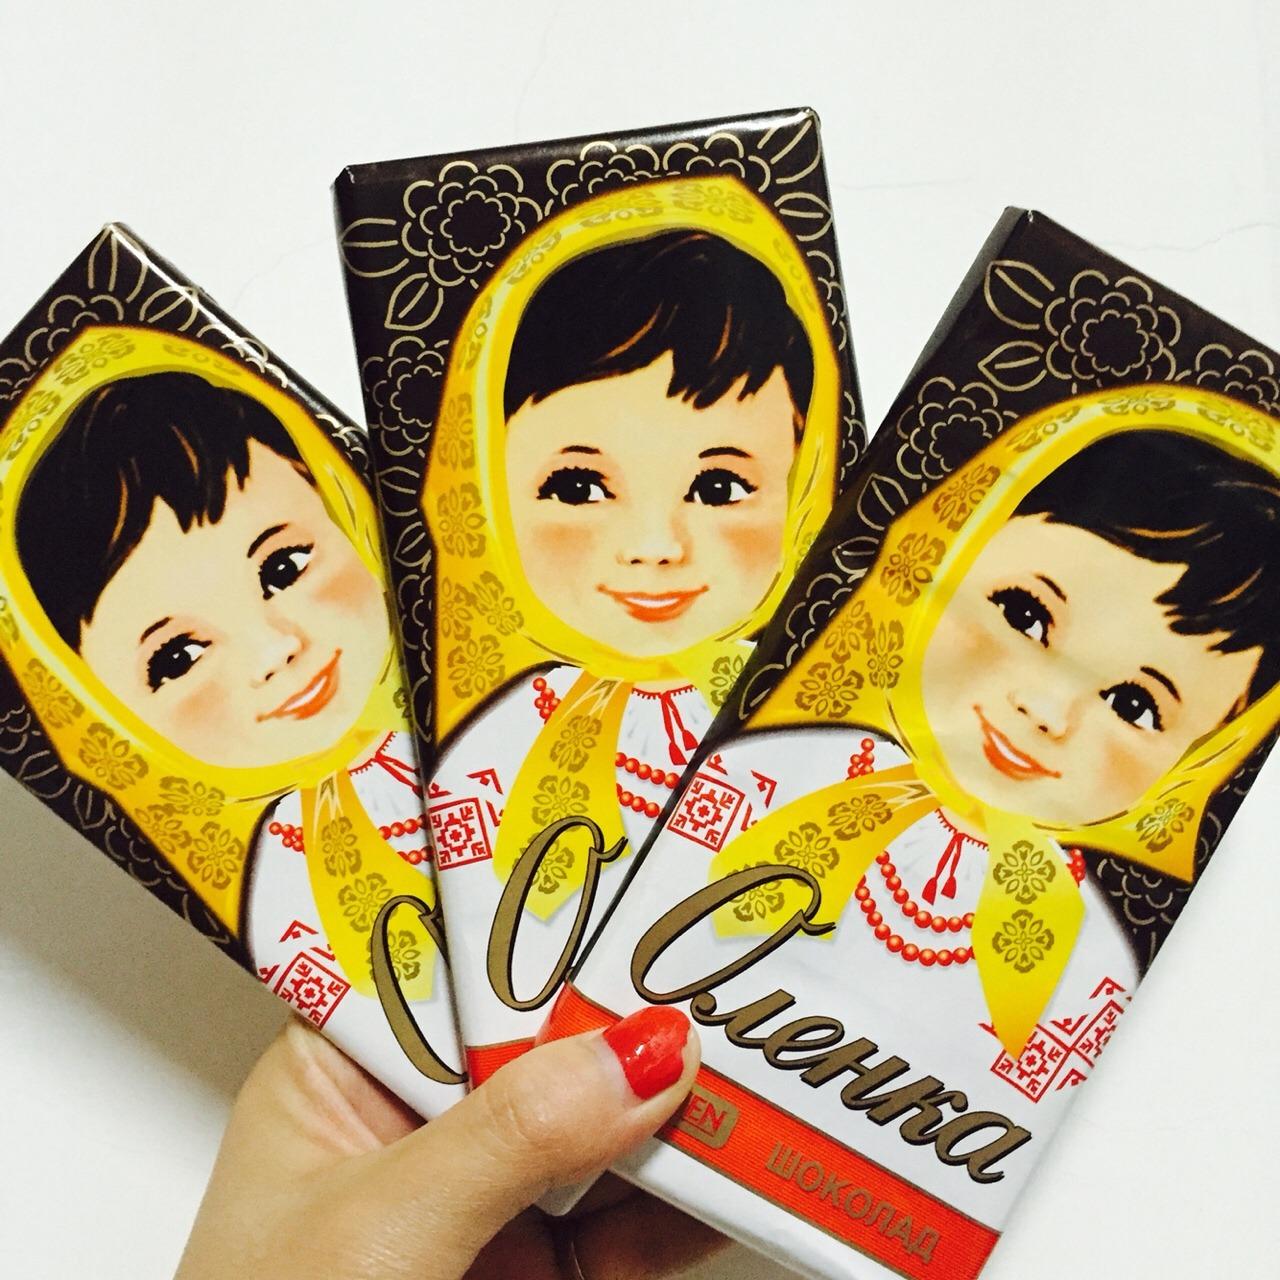 俄罗斯 大头娃娃92巧克力95